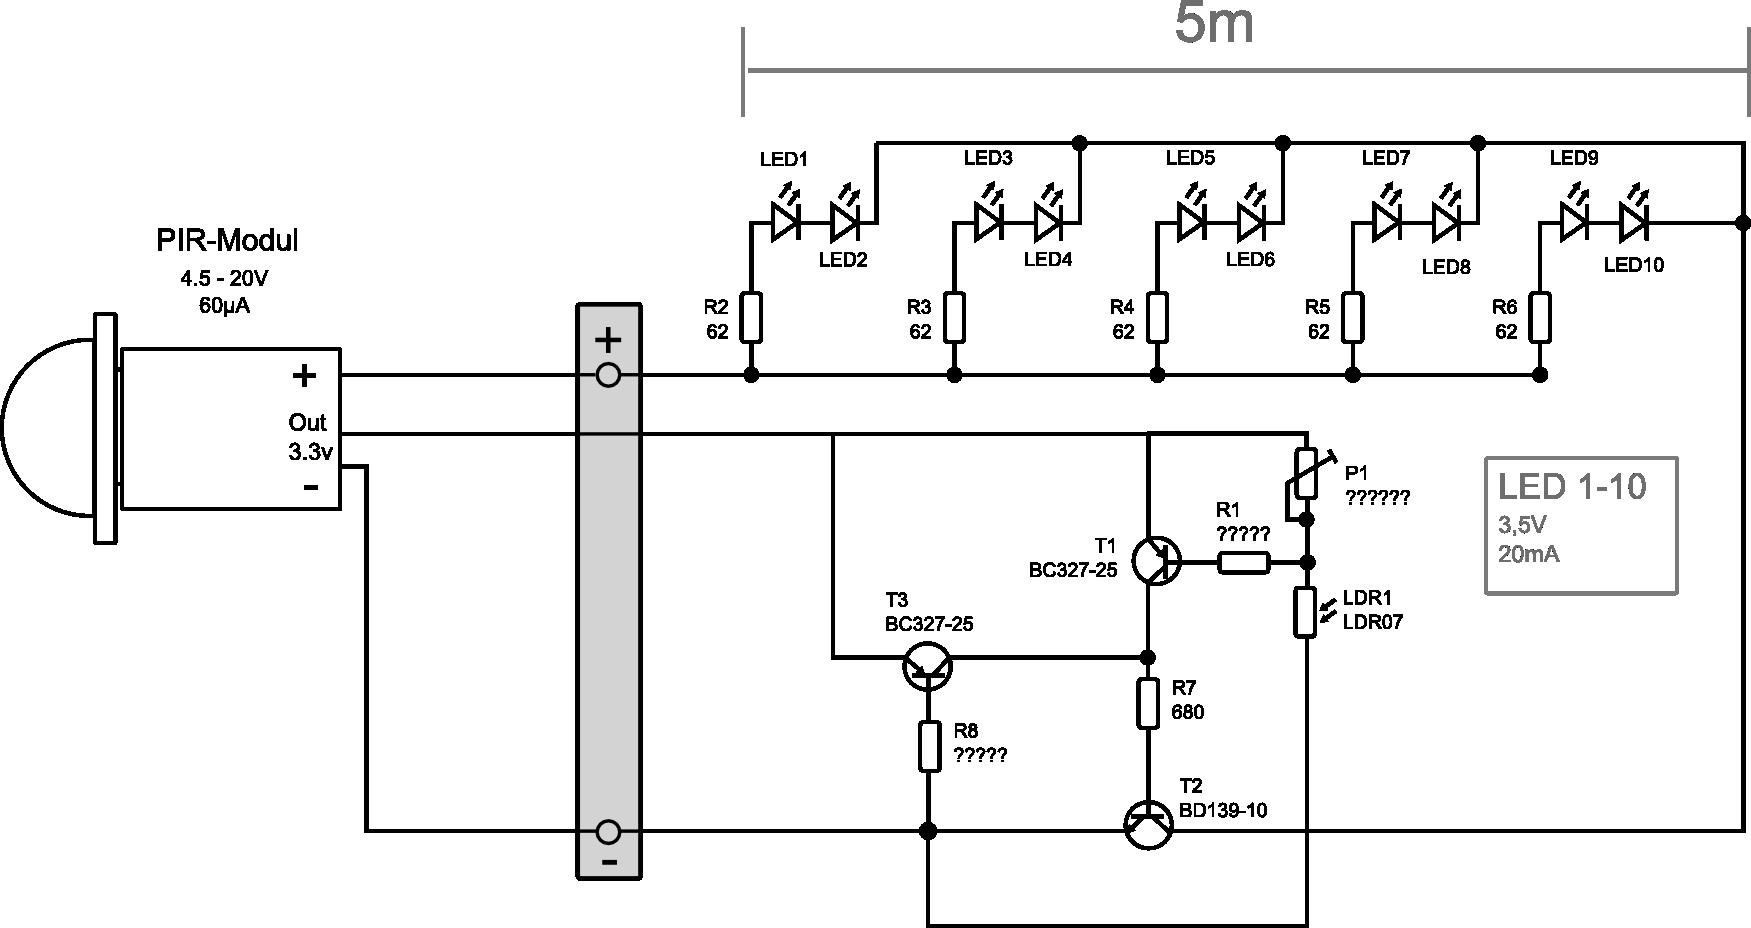 Lichtleiste mit Infrarotmodul, Lichtabhängig - Mikrocontroller.net